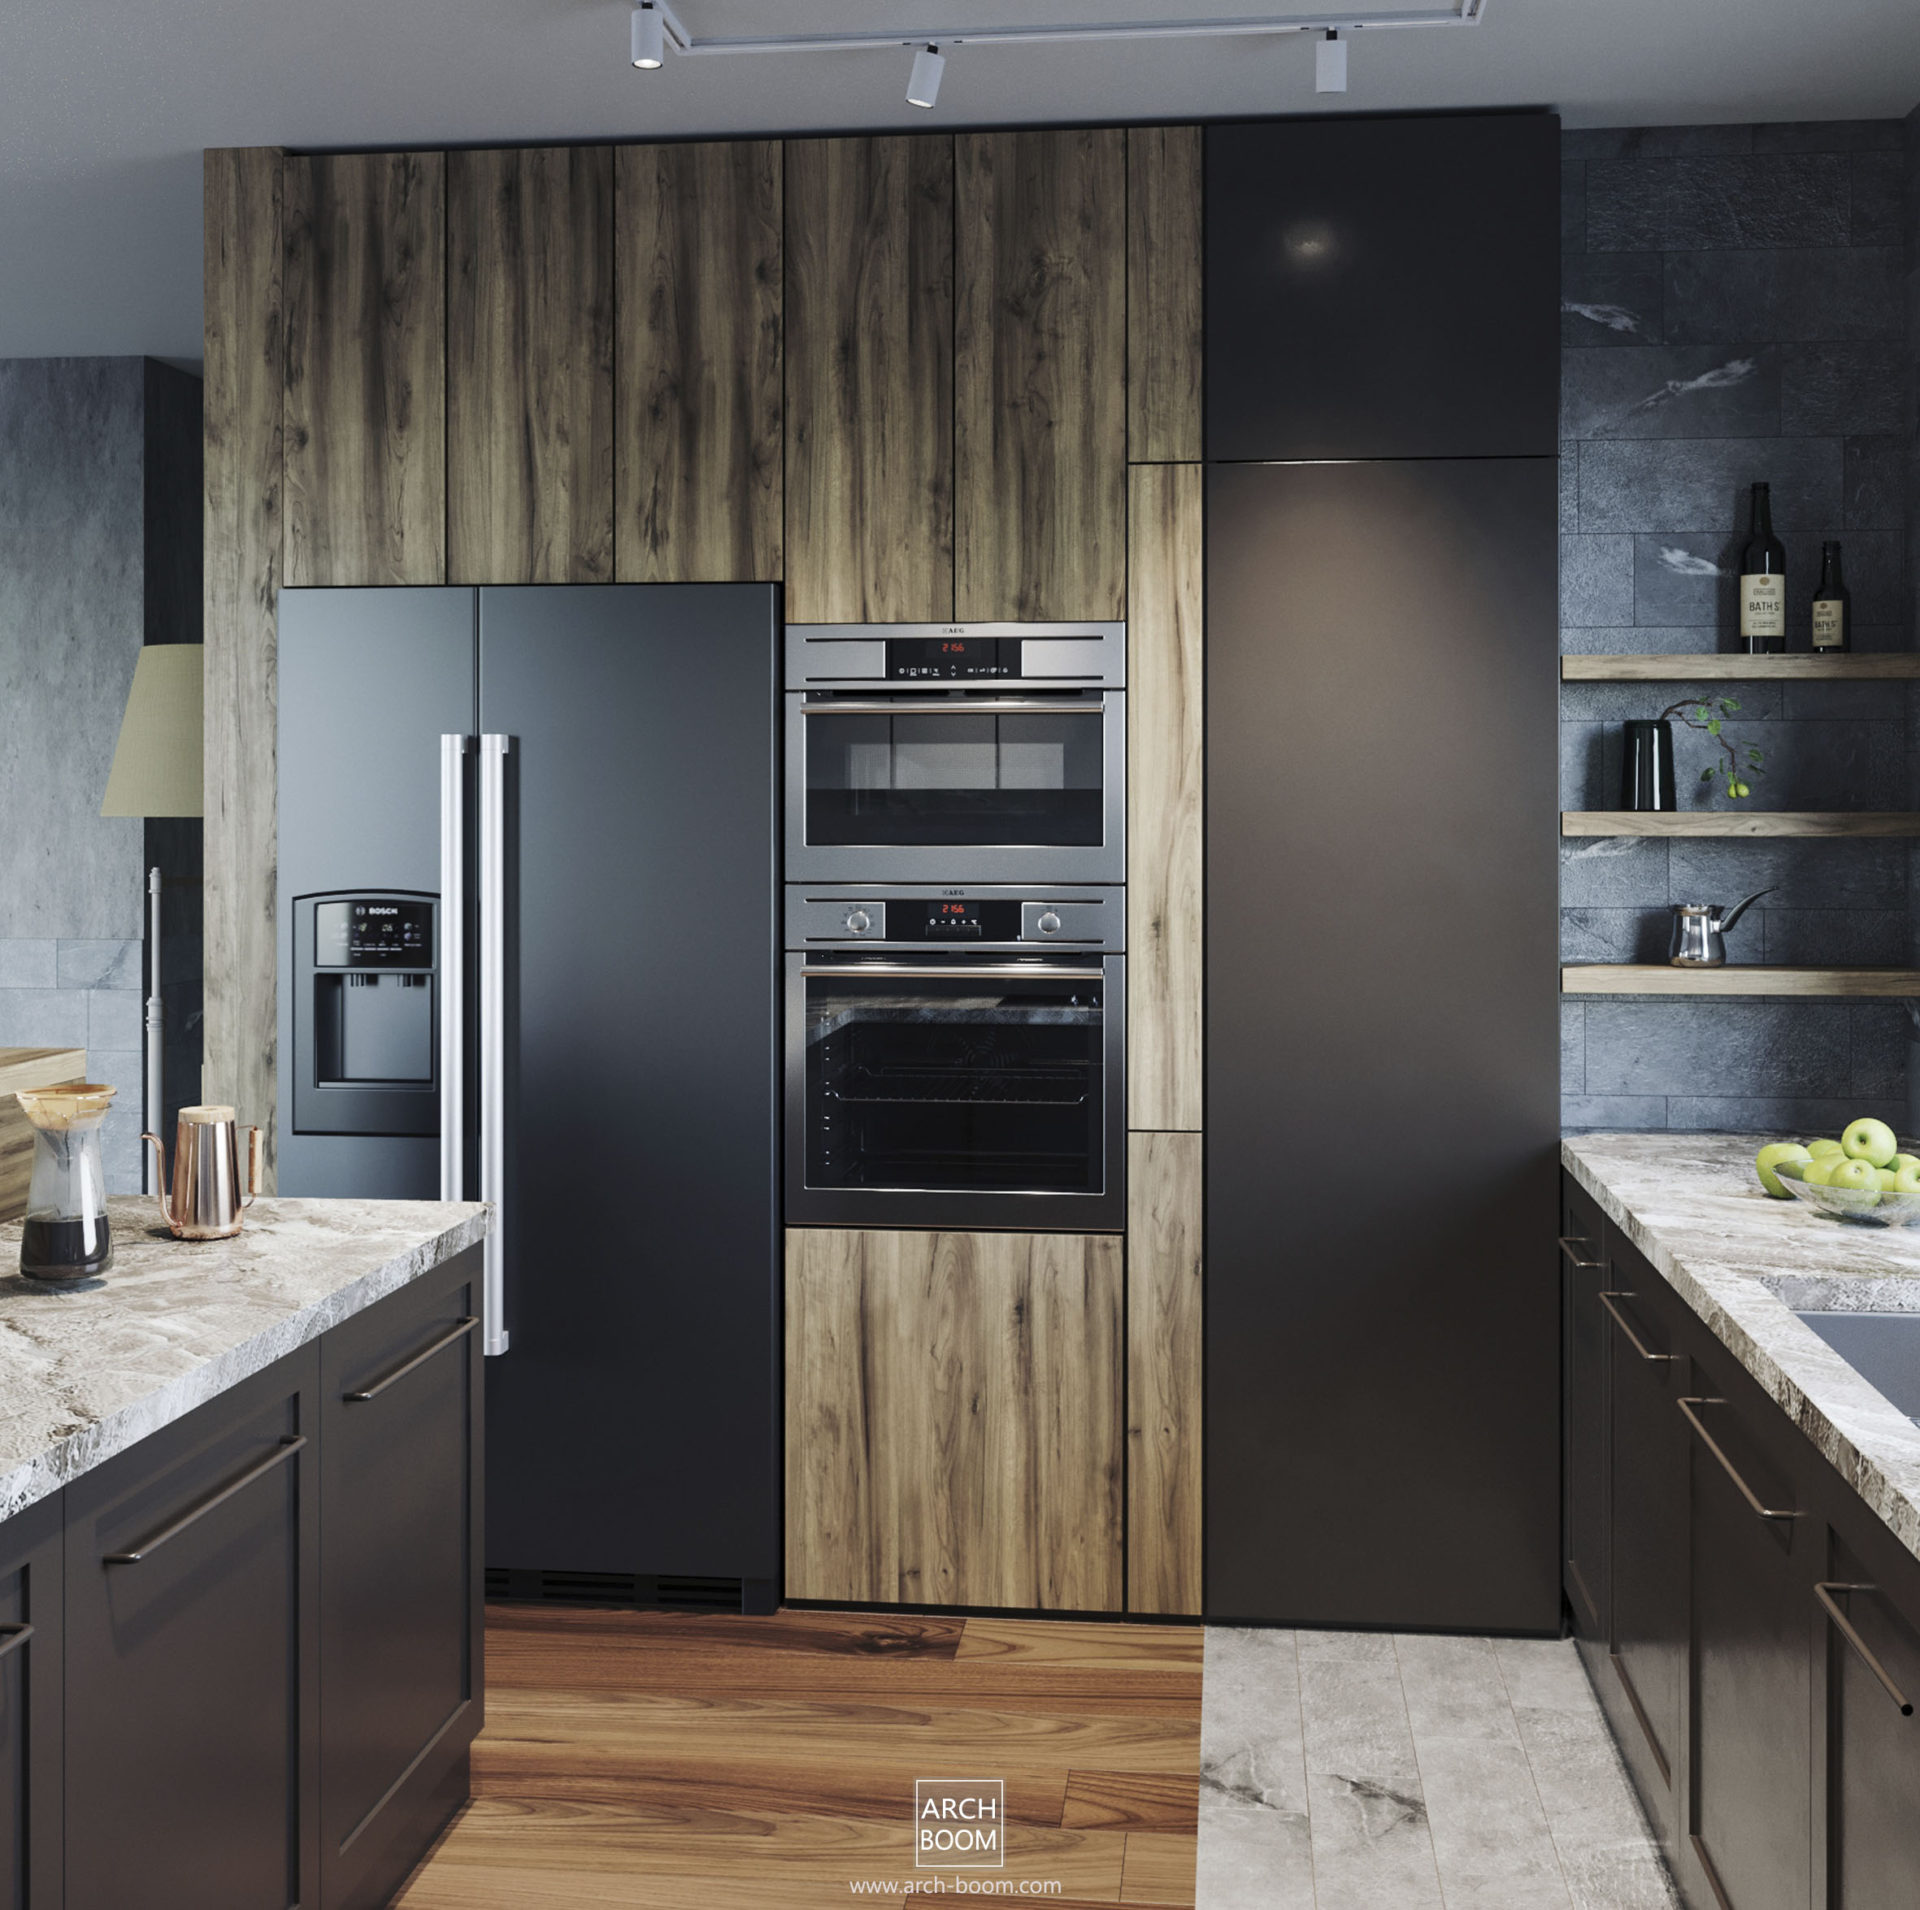 Zabudowa kuchenna z ukytym wejściem do spiżarni